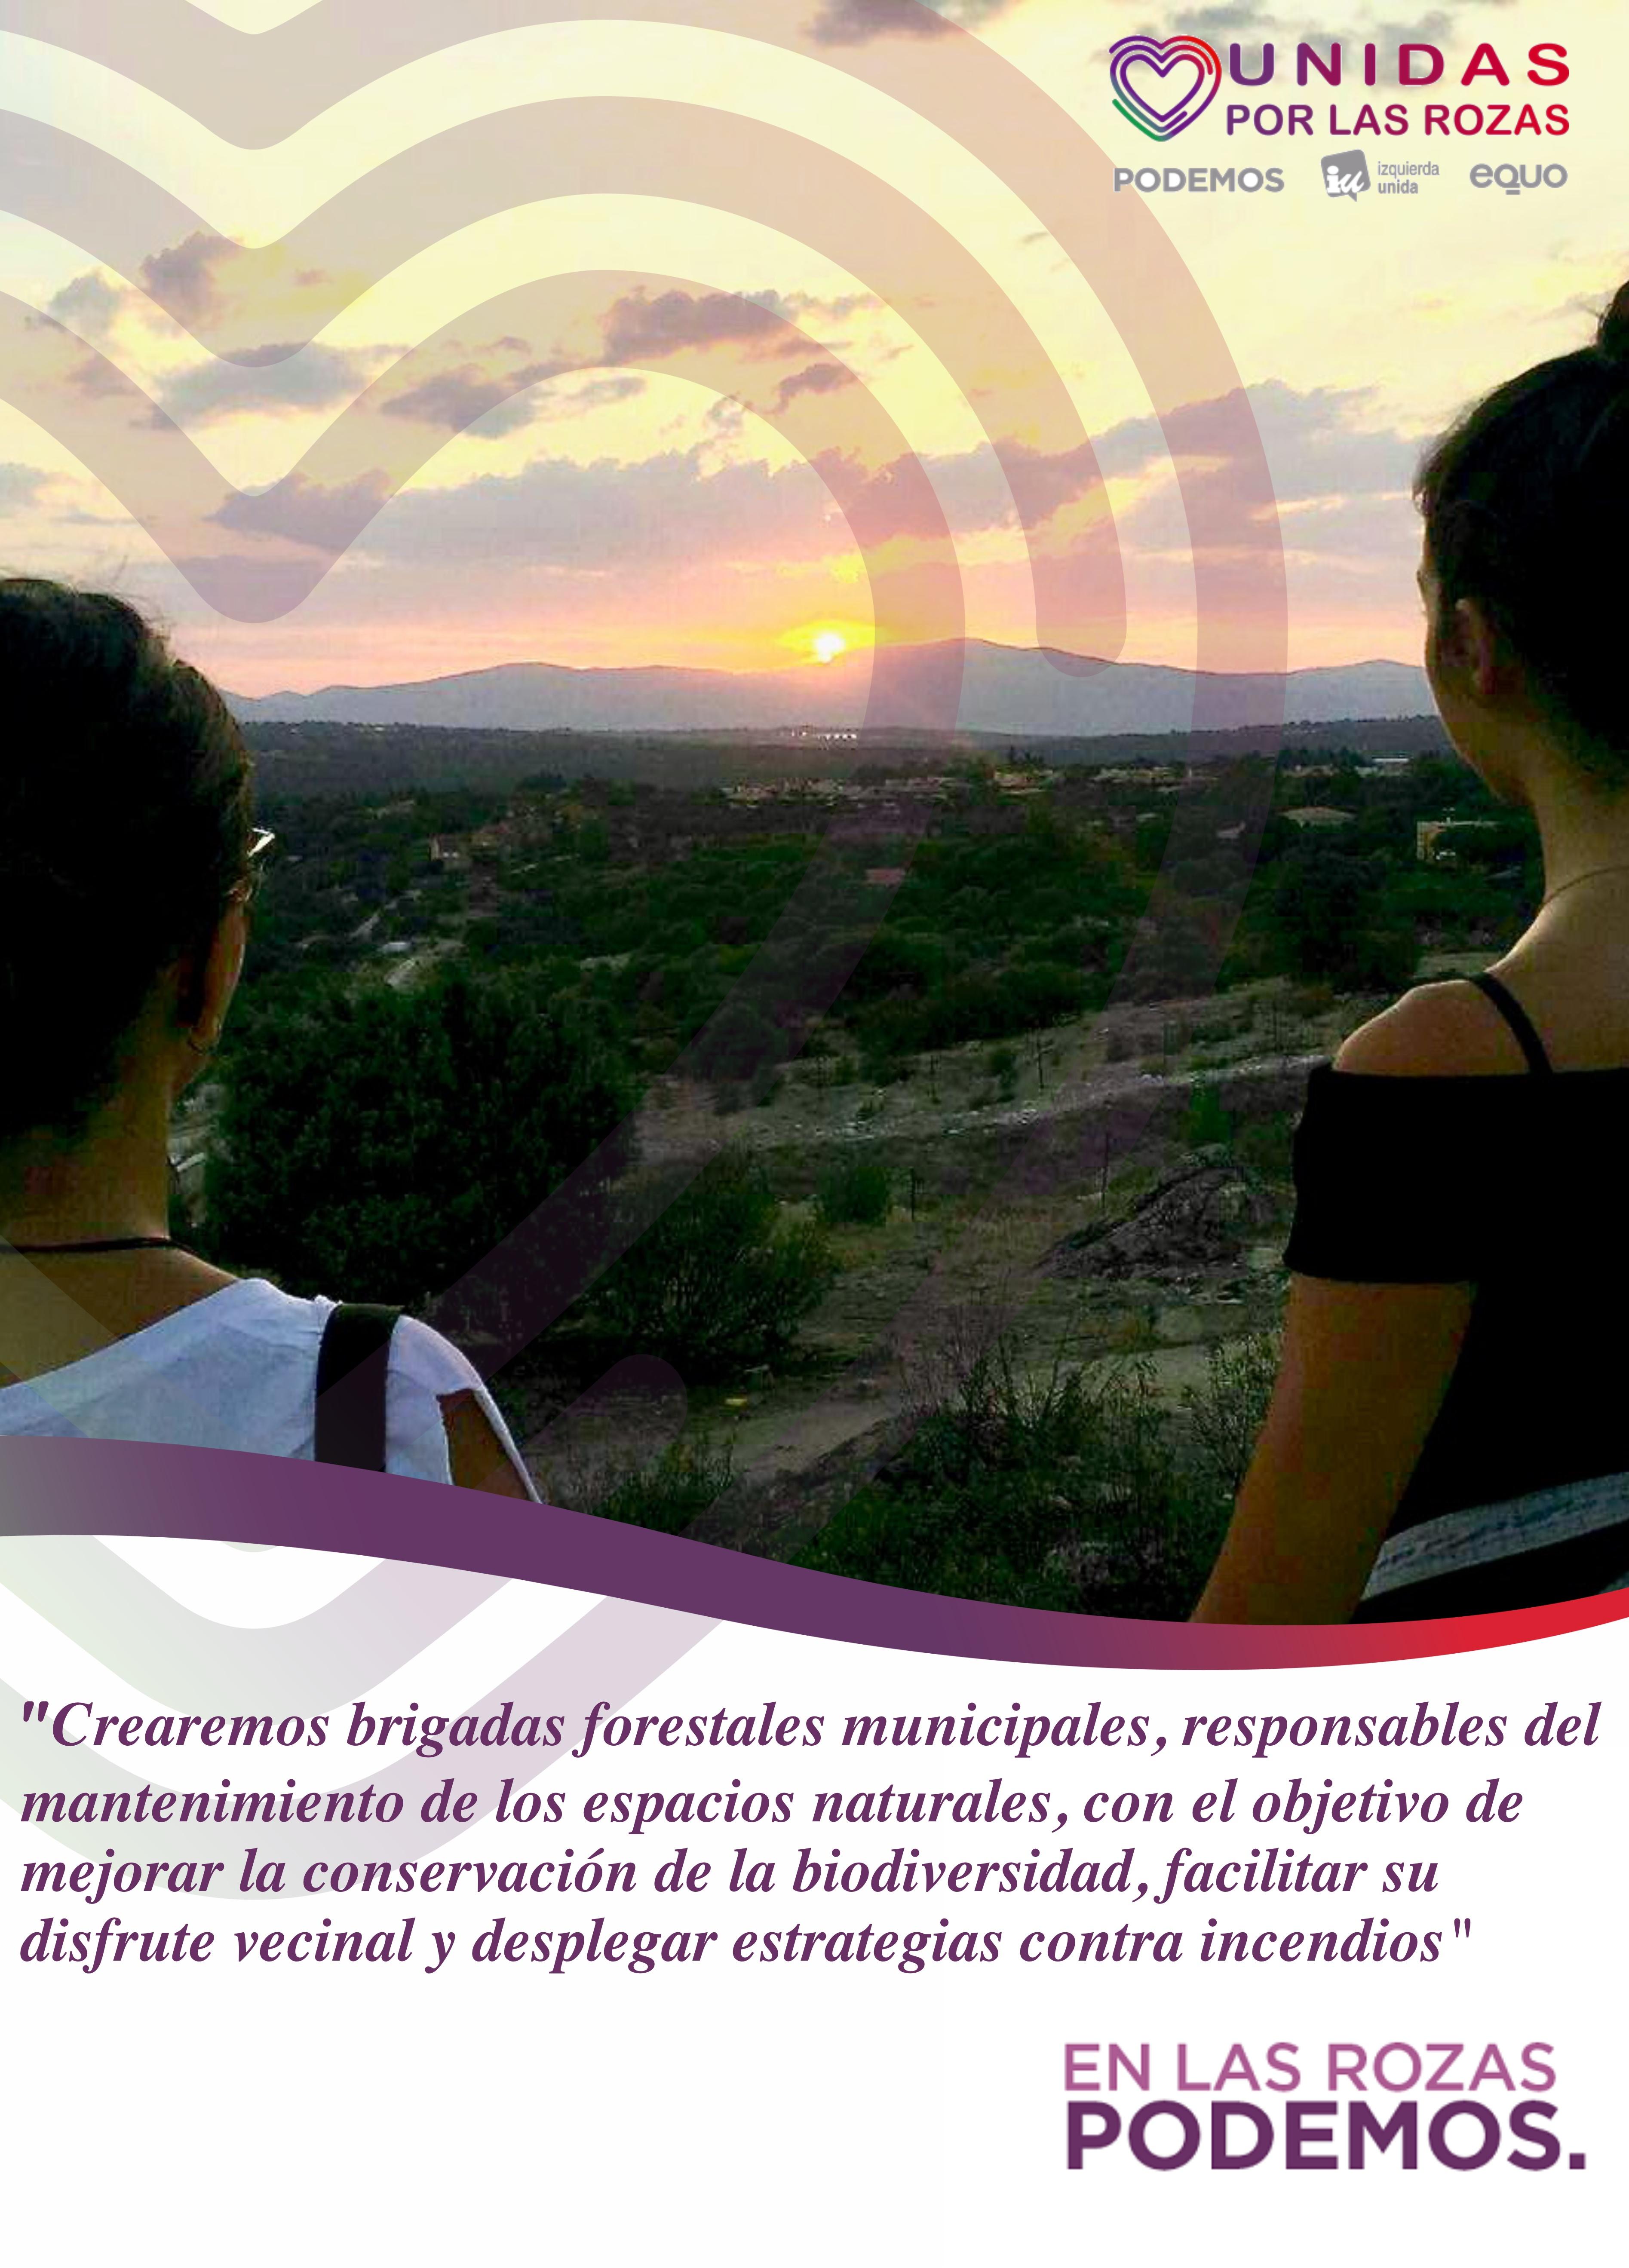 unidas_por_las_rozas_programa_patrimonio_mediambiente